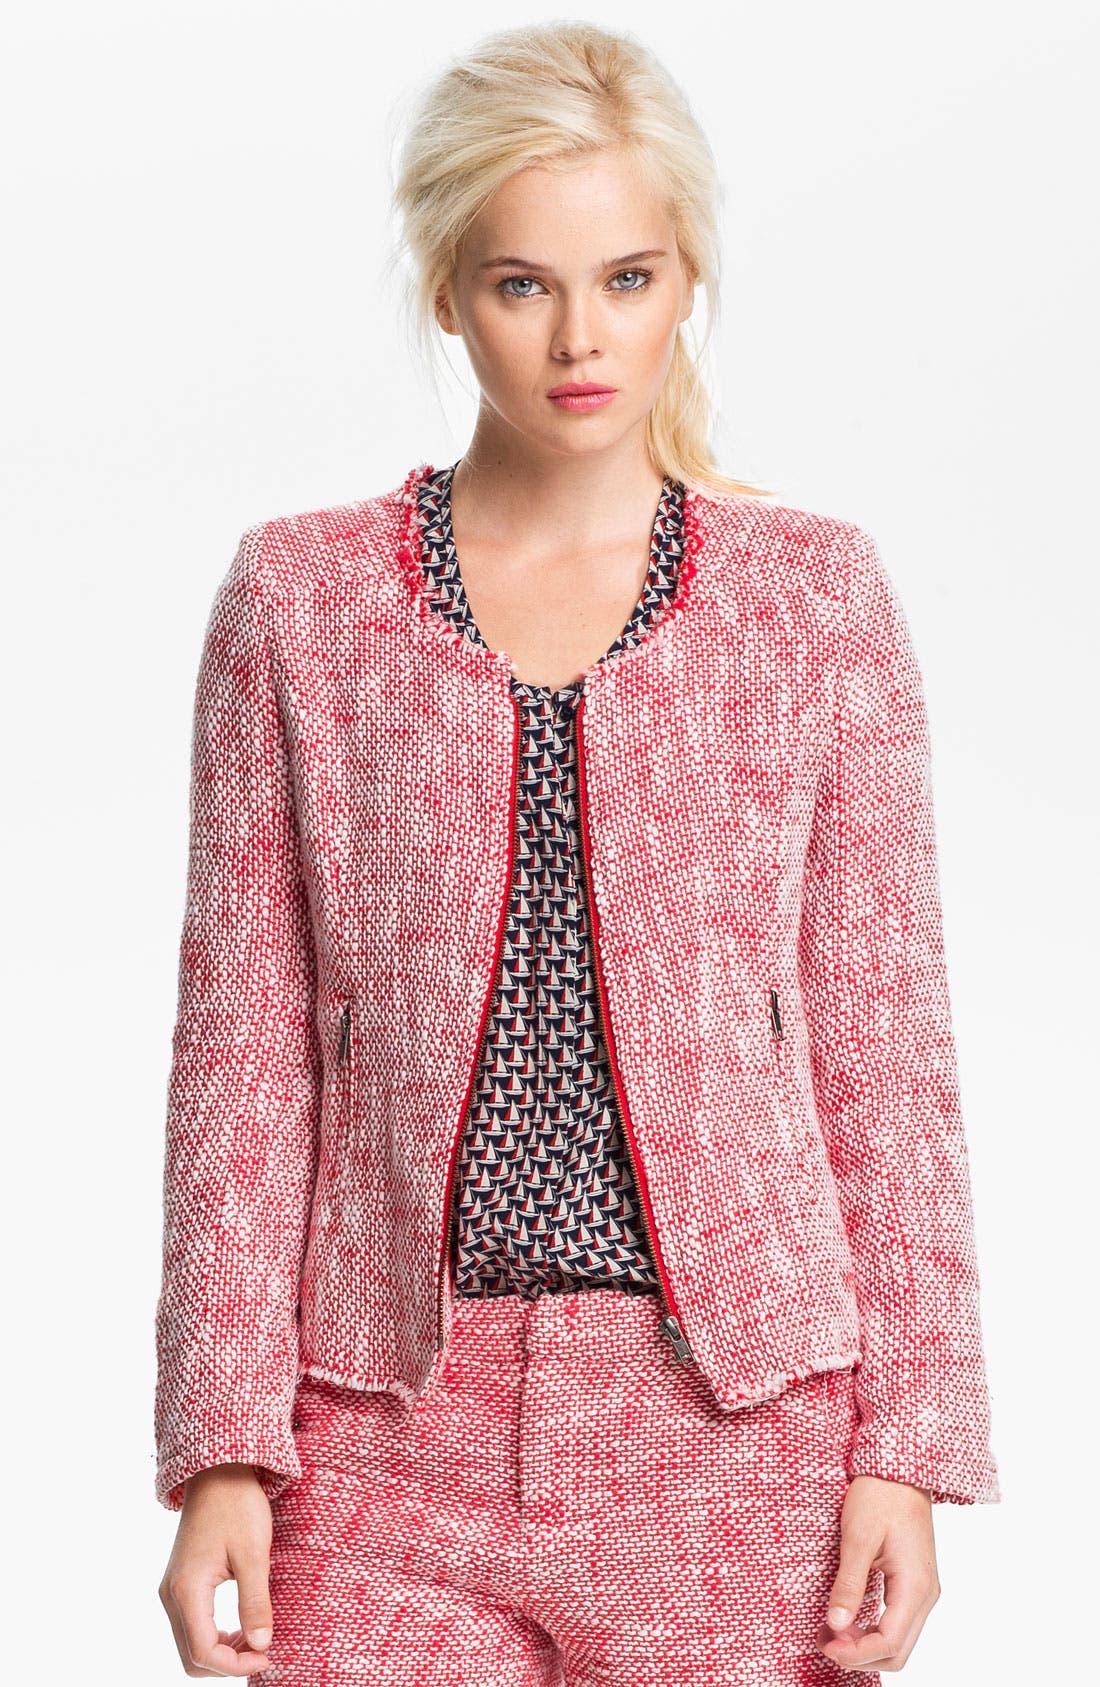 Alternate Image 1 Selected - Joie 'Collis' Tweed Jacket